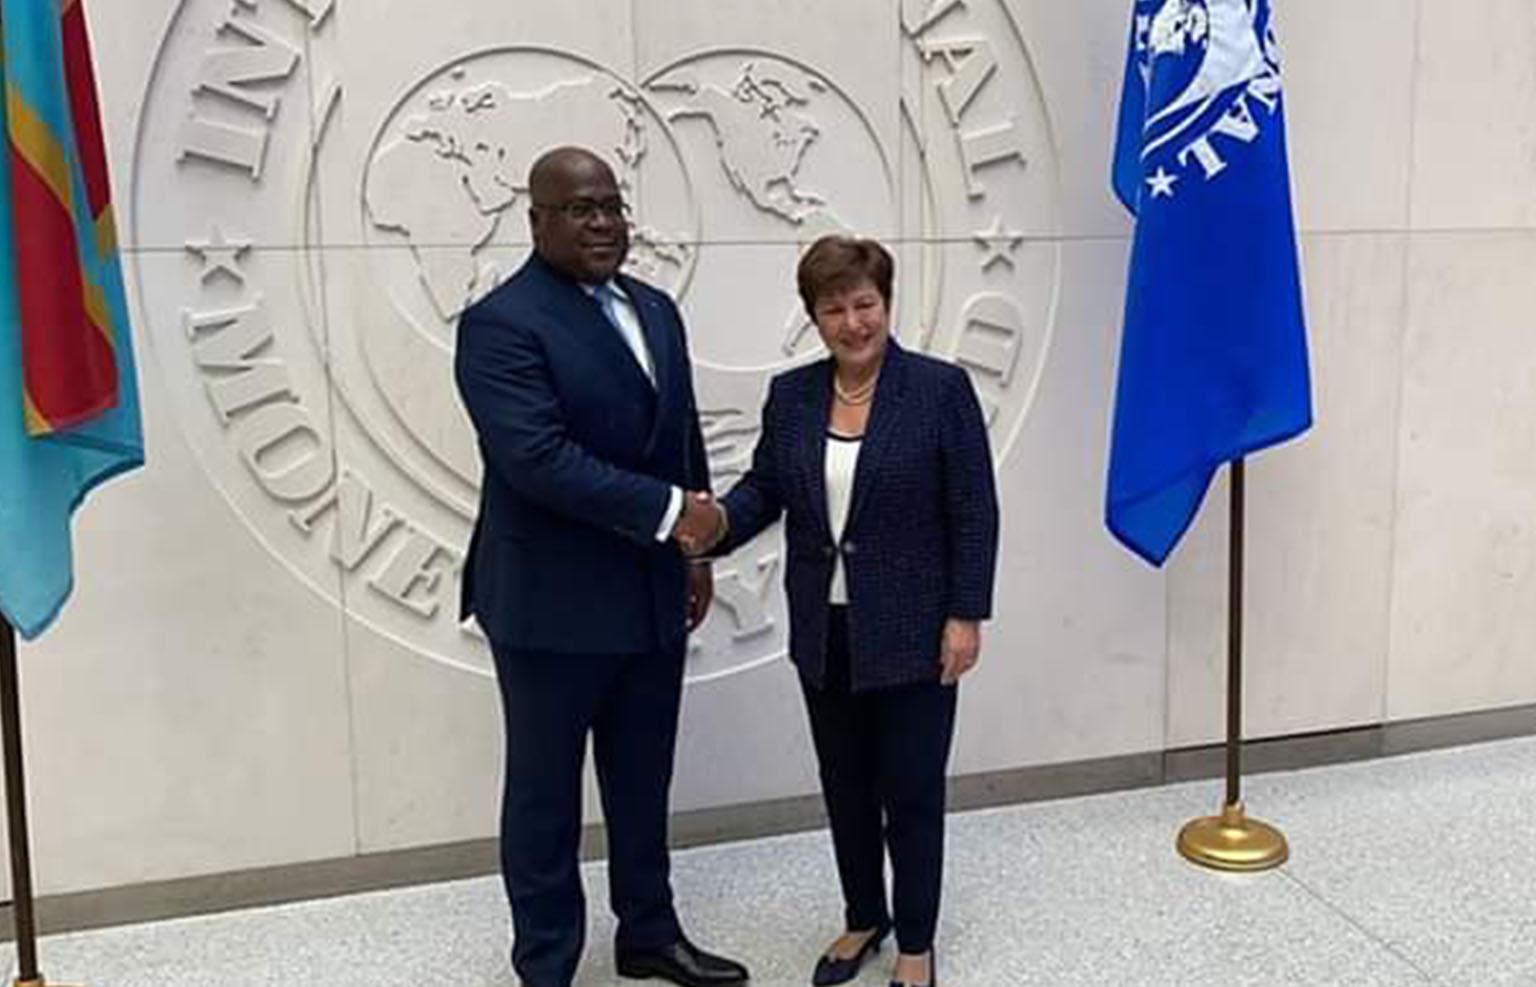 Le FMI approuve un décaissement de 363 millions USD en faveur de la RDC pour l'aider à faire face à la COVID-19